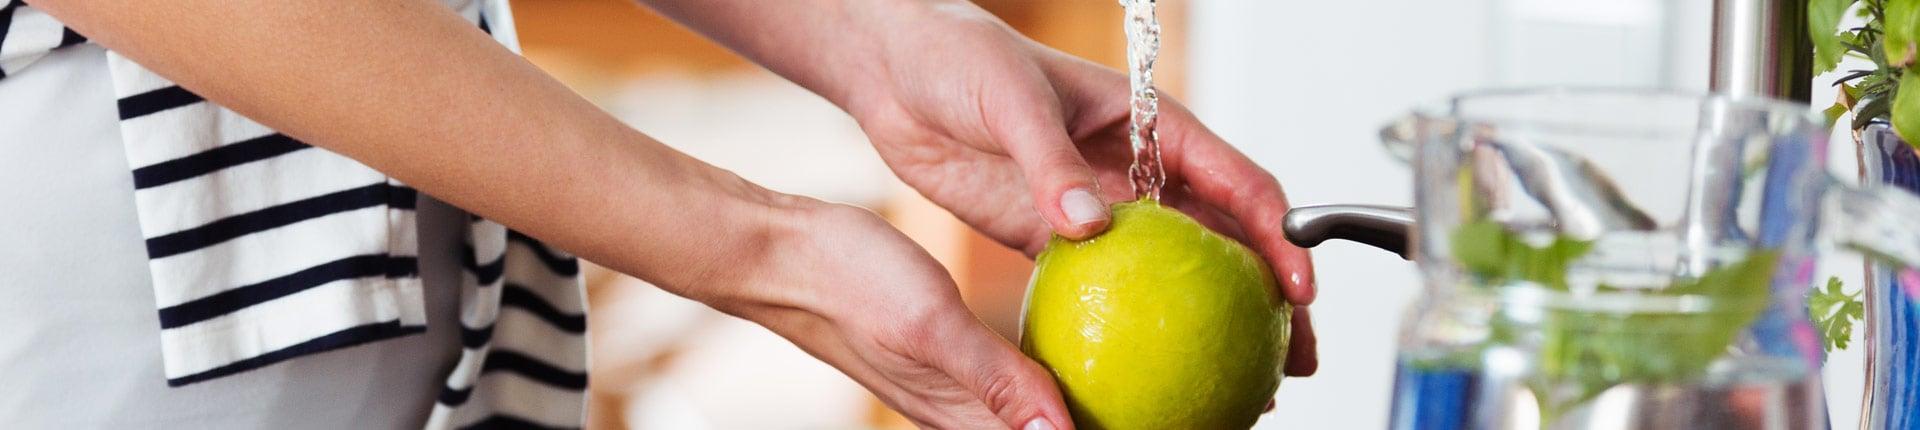 Czy mycie owoców i warzyw wystarczy?